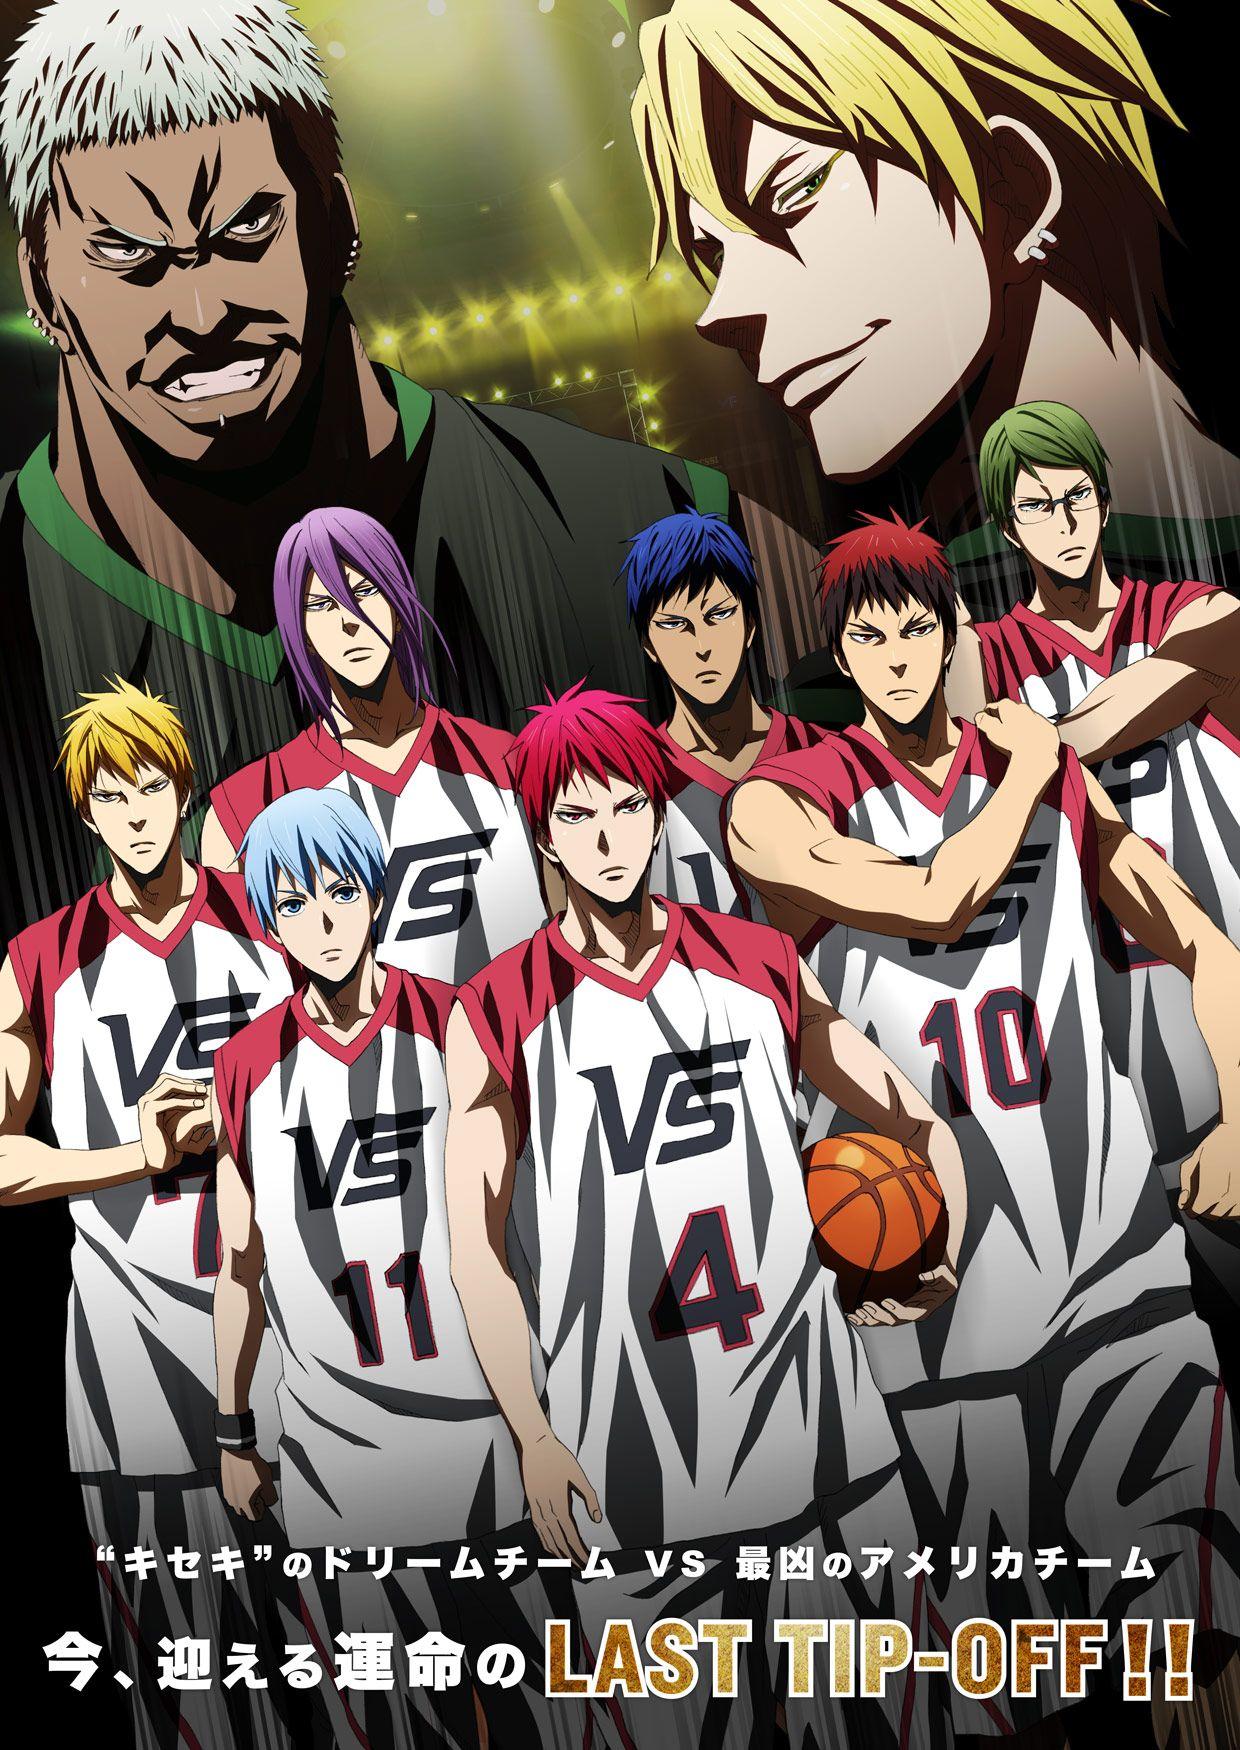 Kuroko No Basket Personnage : kuroko, basket, personnage, Hikaru, Midorikawa, Tetsu, Inada, Serán, Antagonistas, Película, Gekijouban, Kuroko, Basuke, Game., Manga,, Kuroko's, Basket,